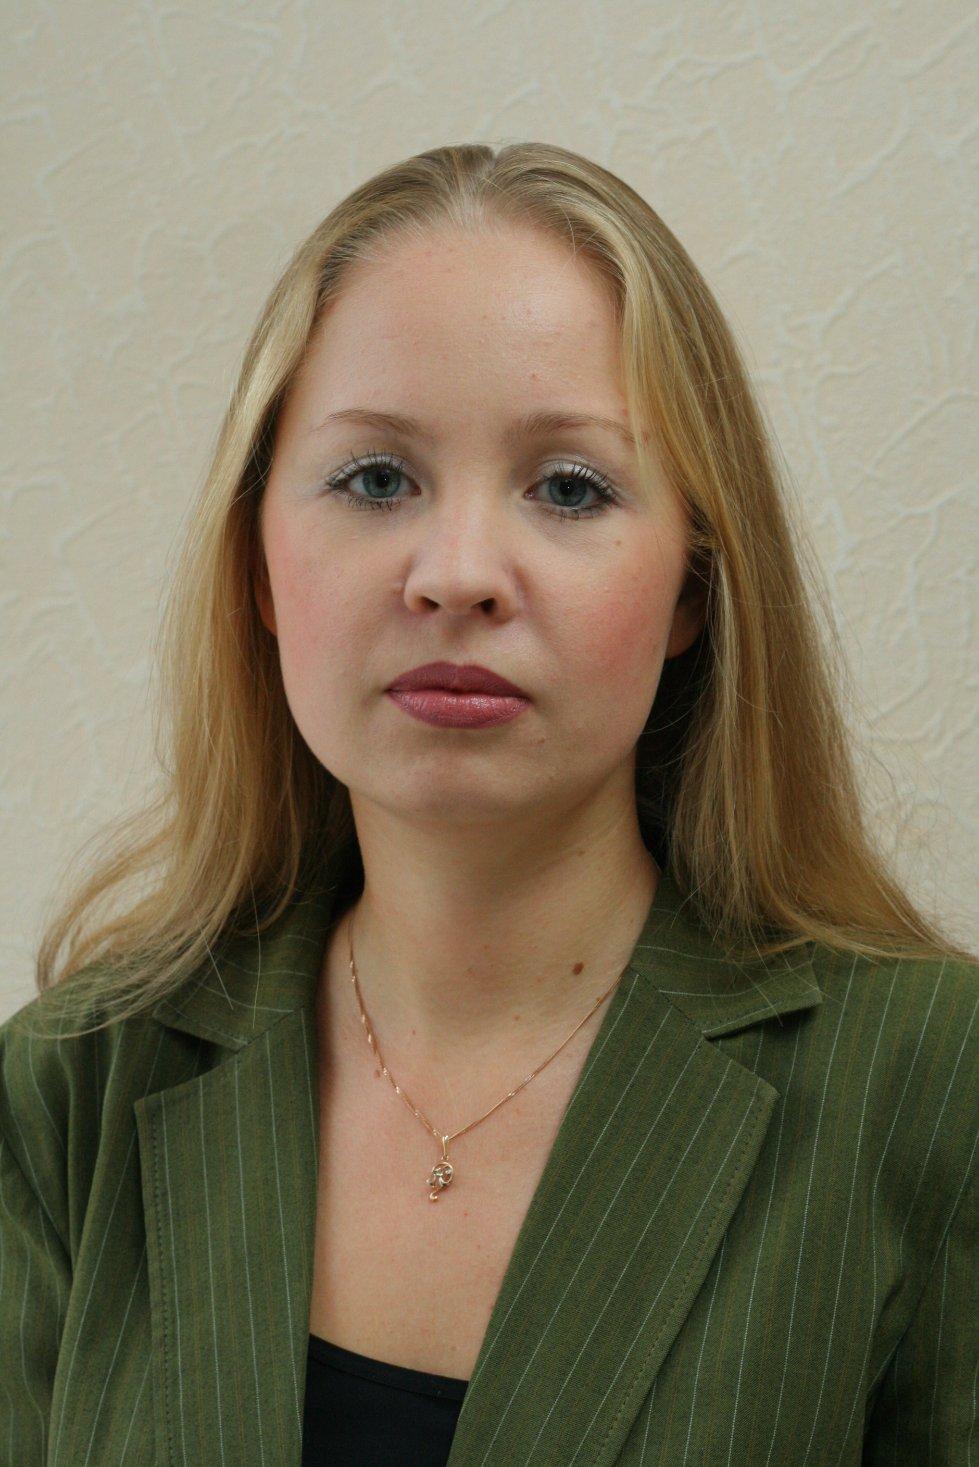 Selivanovskaya Juliya Igorevna